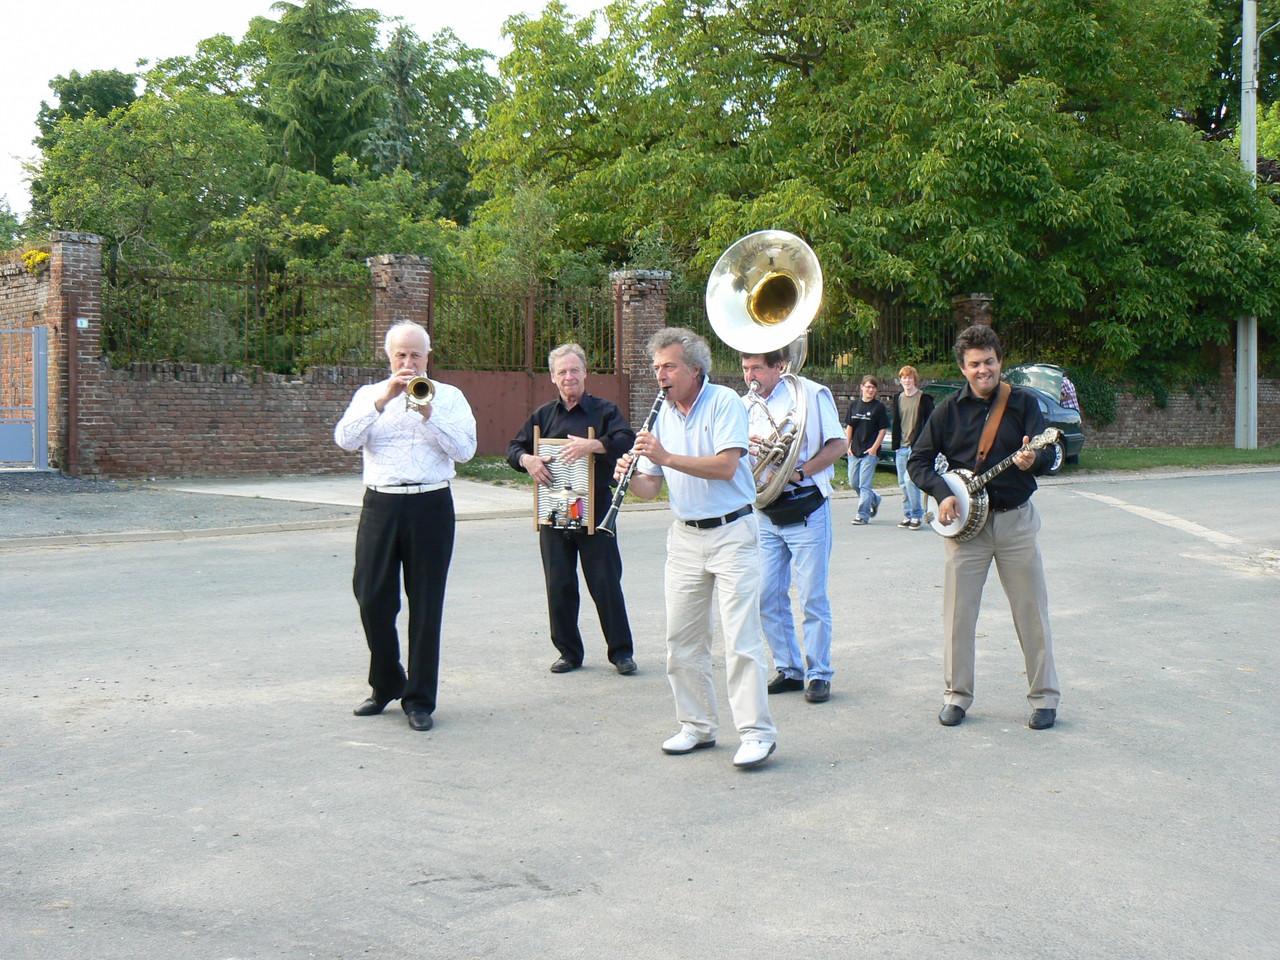 Vendredi 19h15 : Ouverture sous le soleil...avec Hot Swing Orchestra!